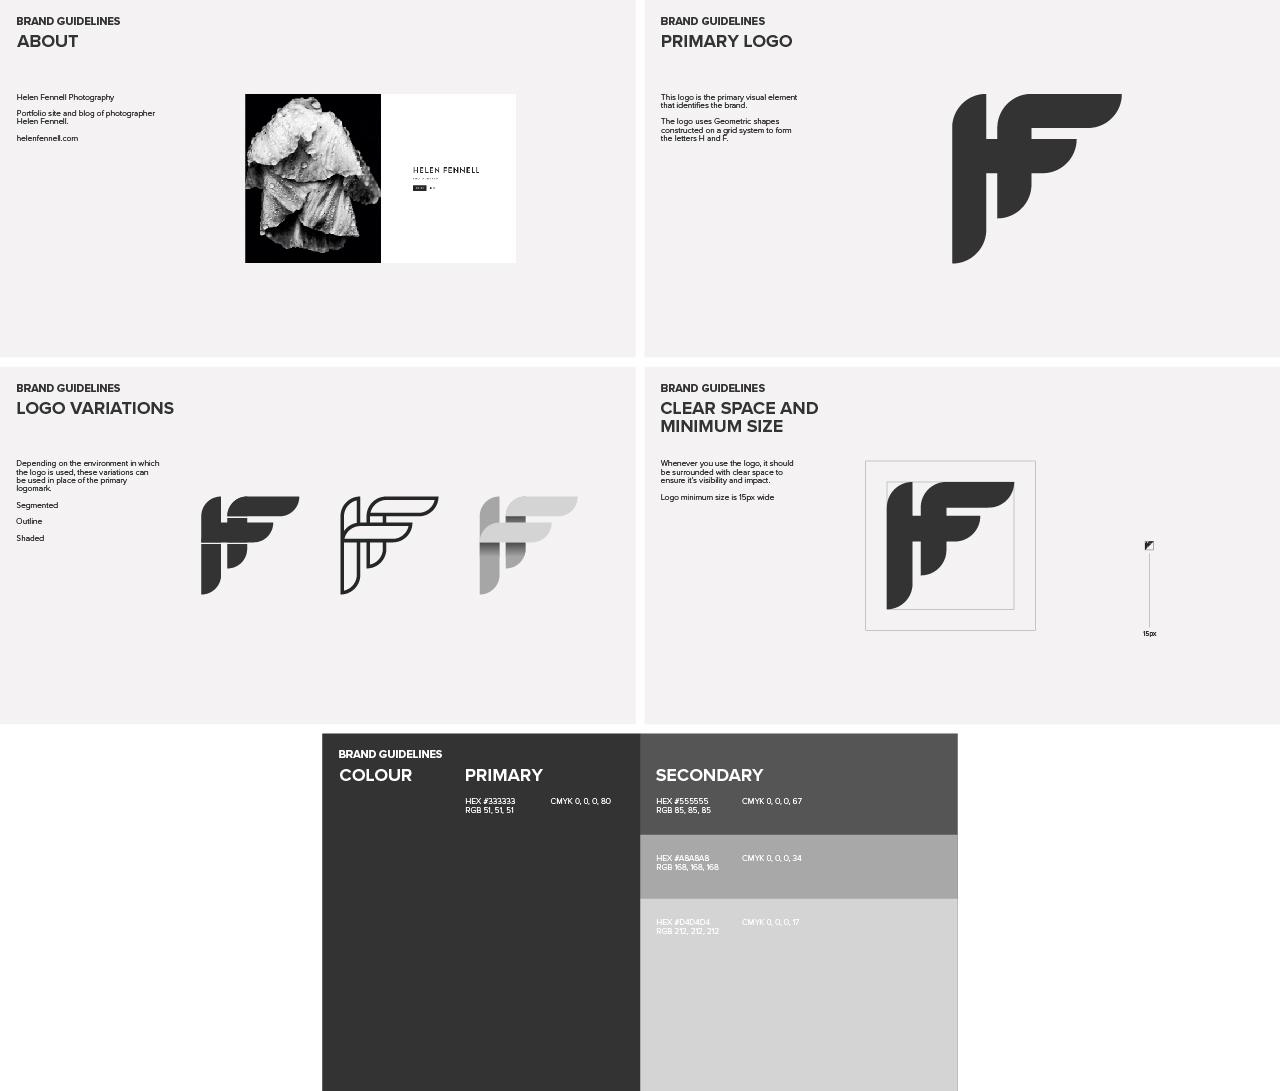 Helen Fennell Brand Guide